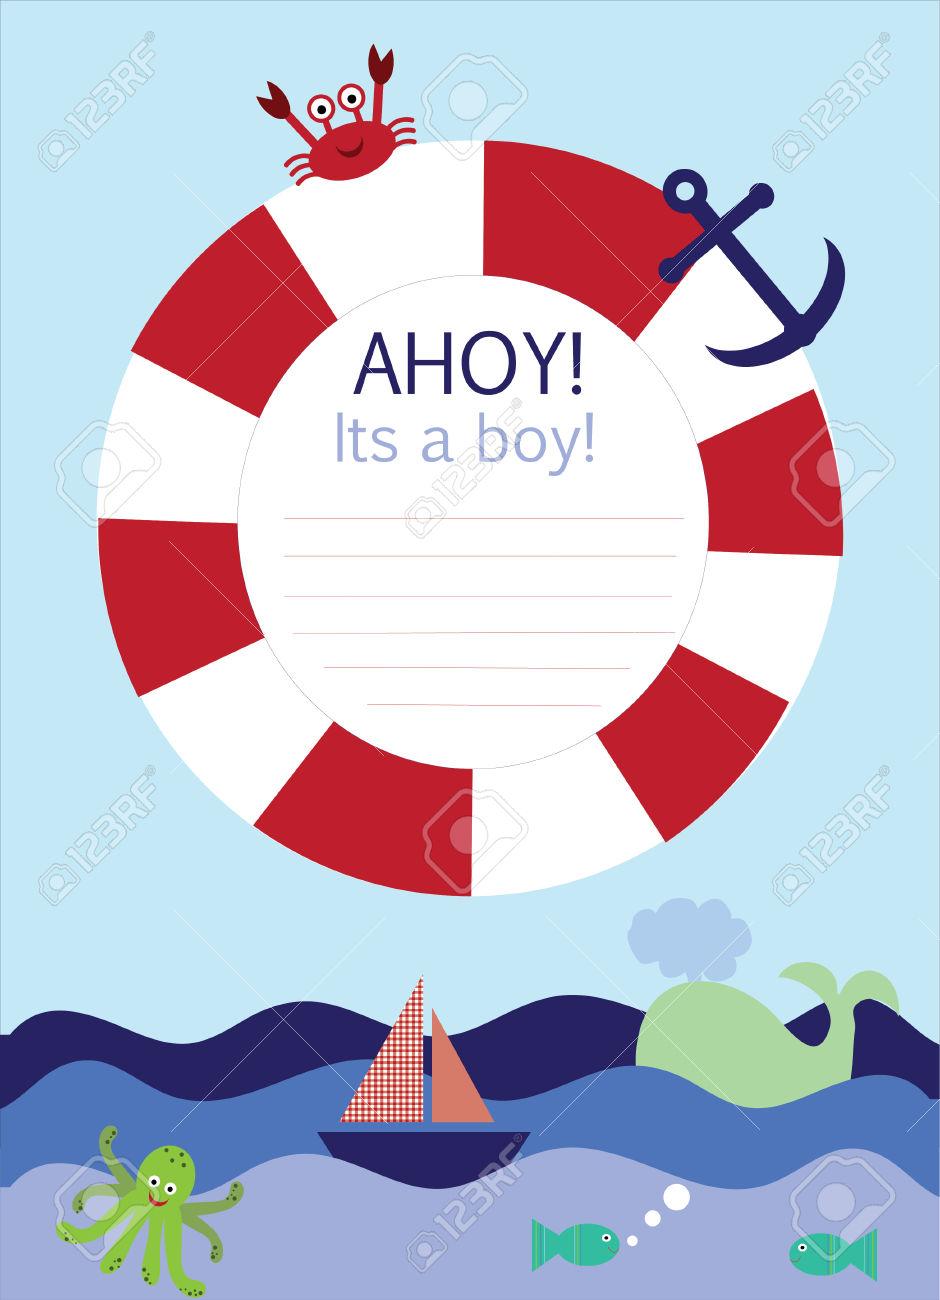 Pinball clipart border Nautical Free Shower Baby Baby